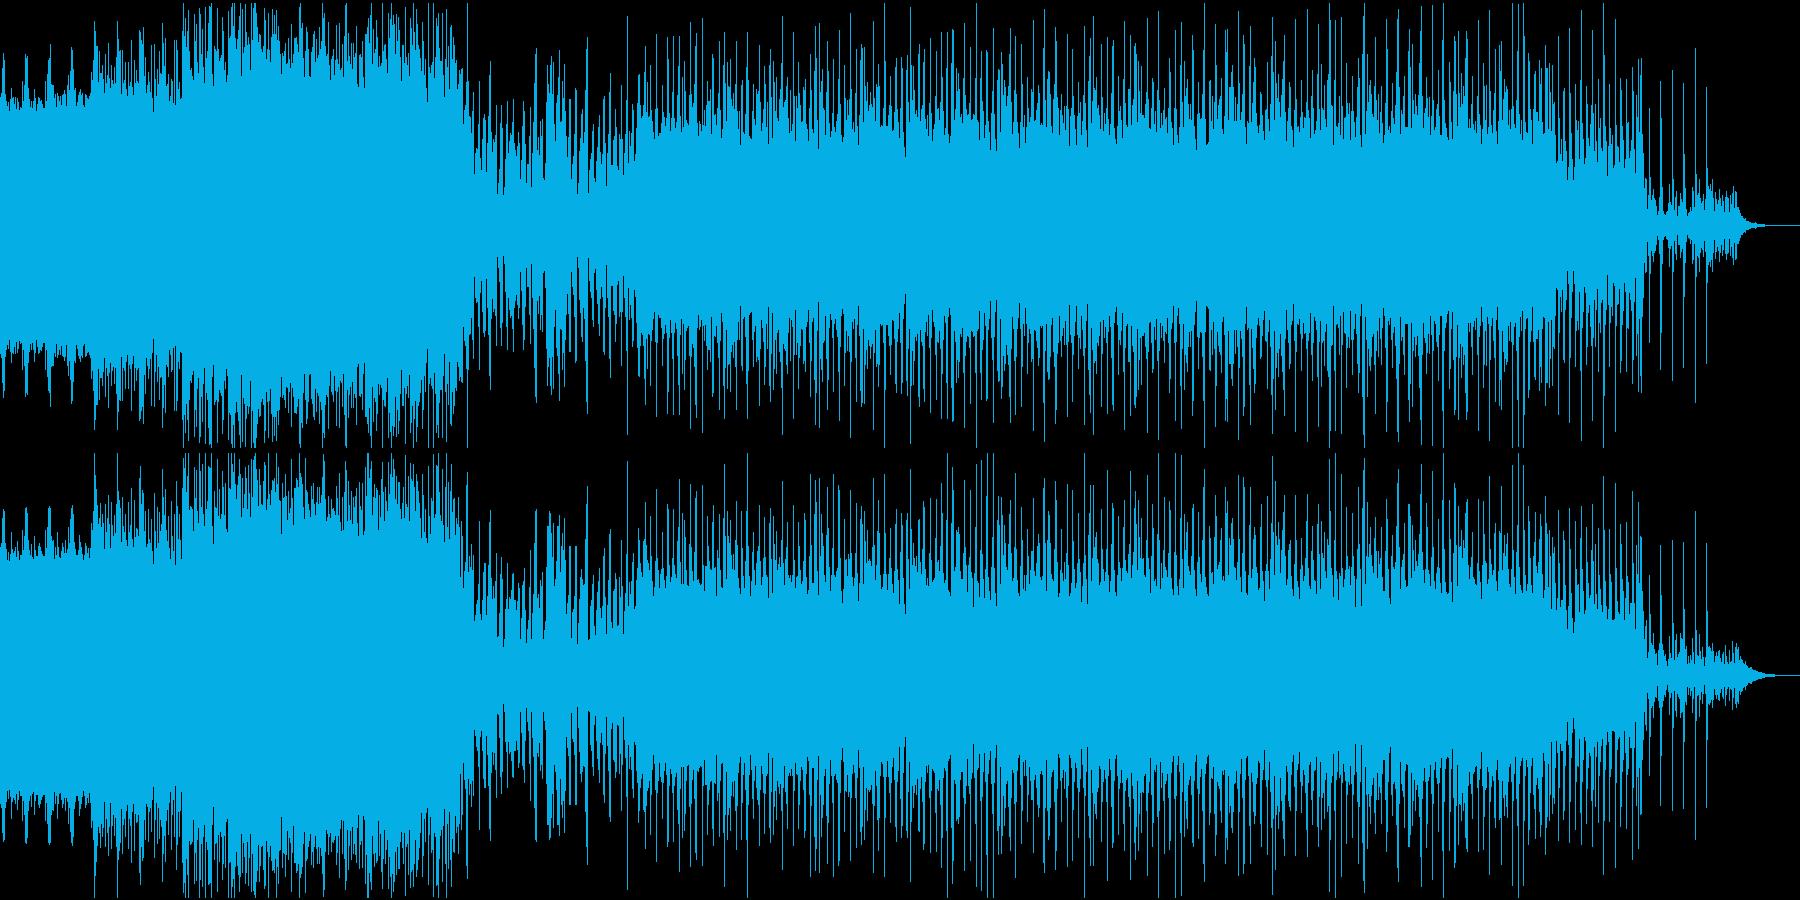 ディスコ風EDMの再生済みの波形